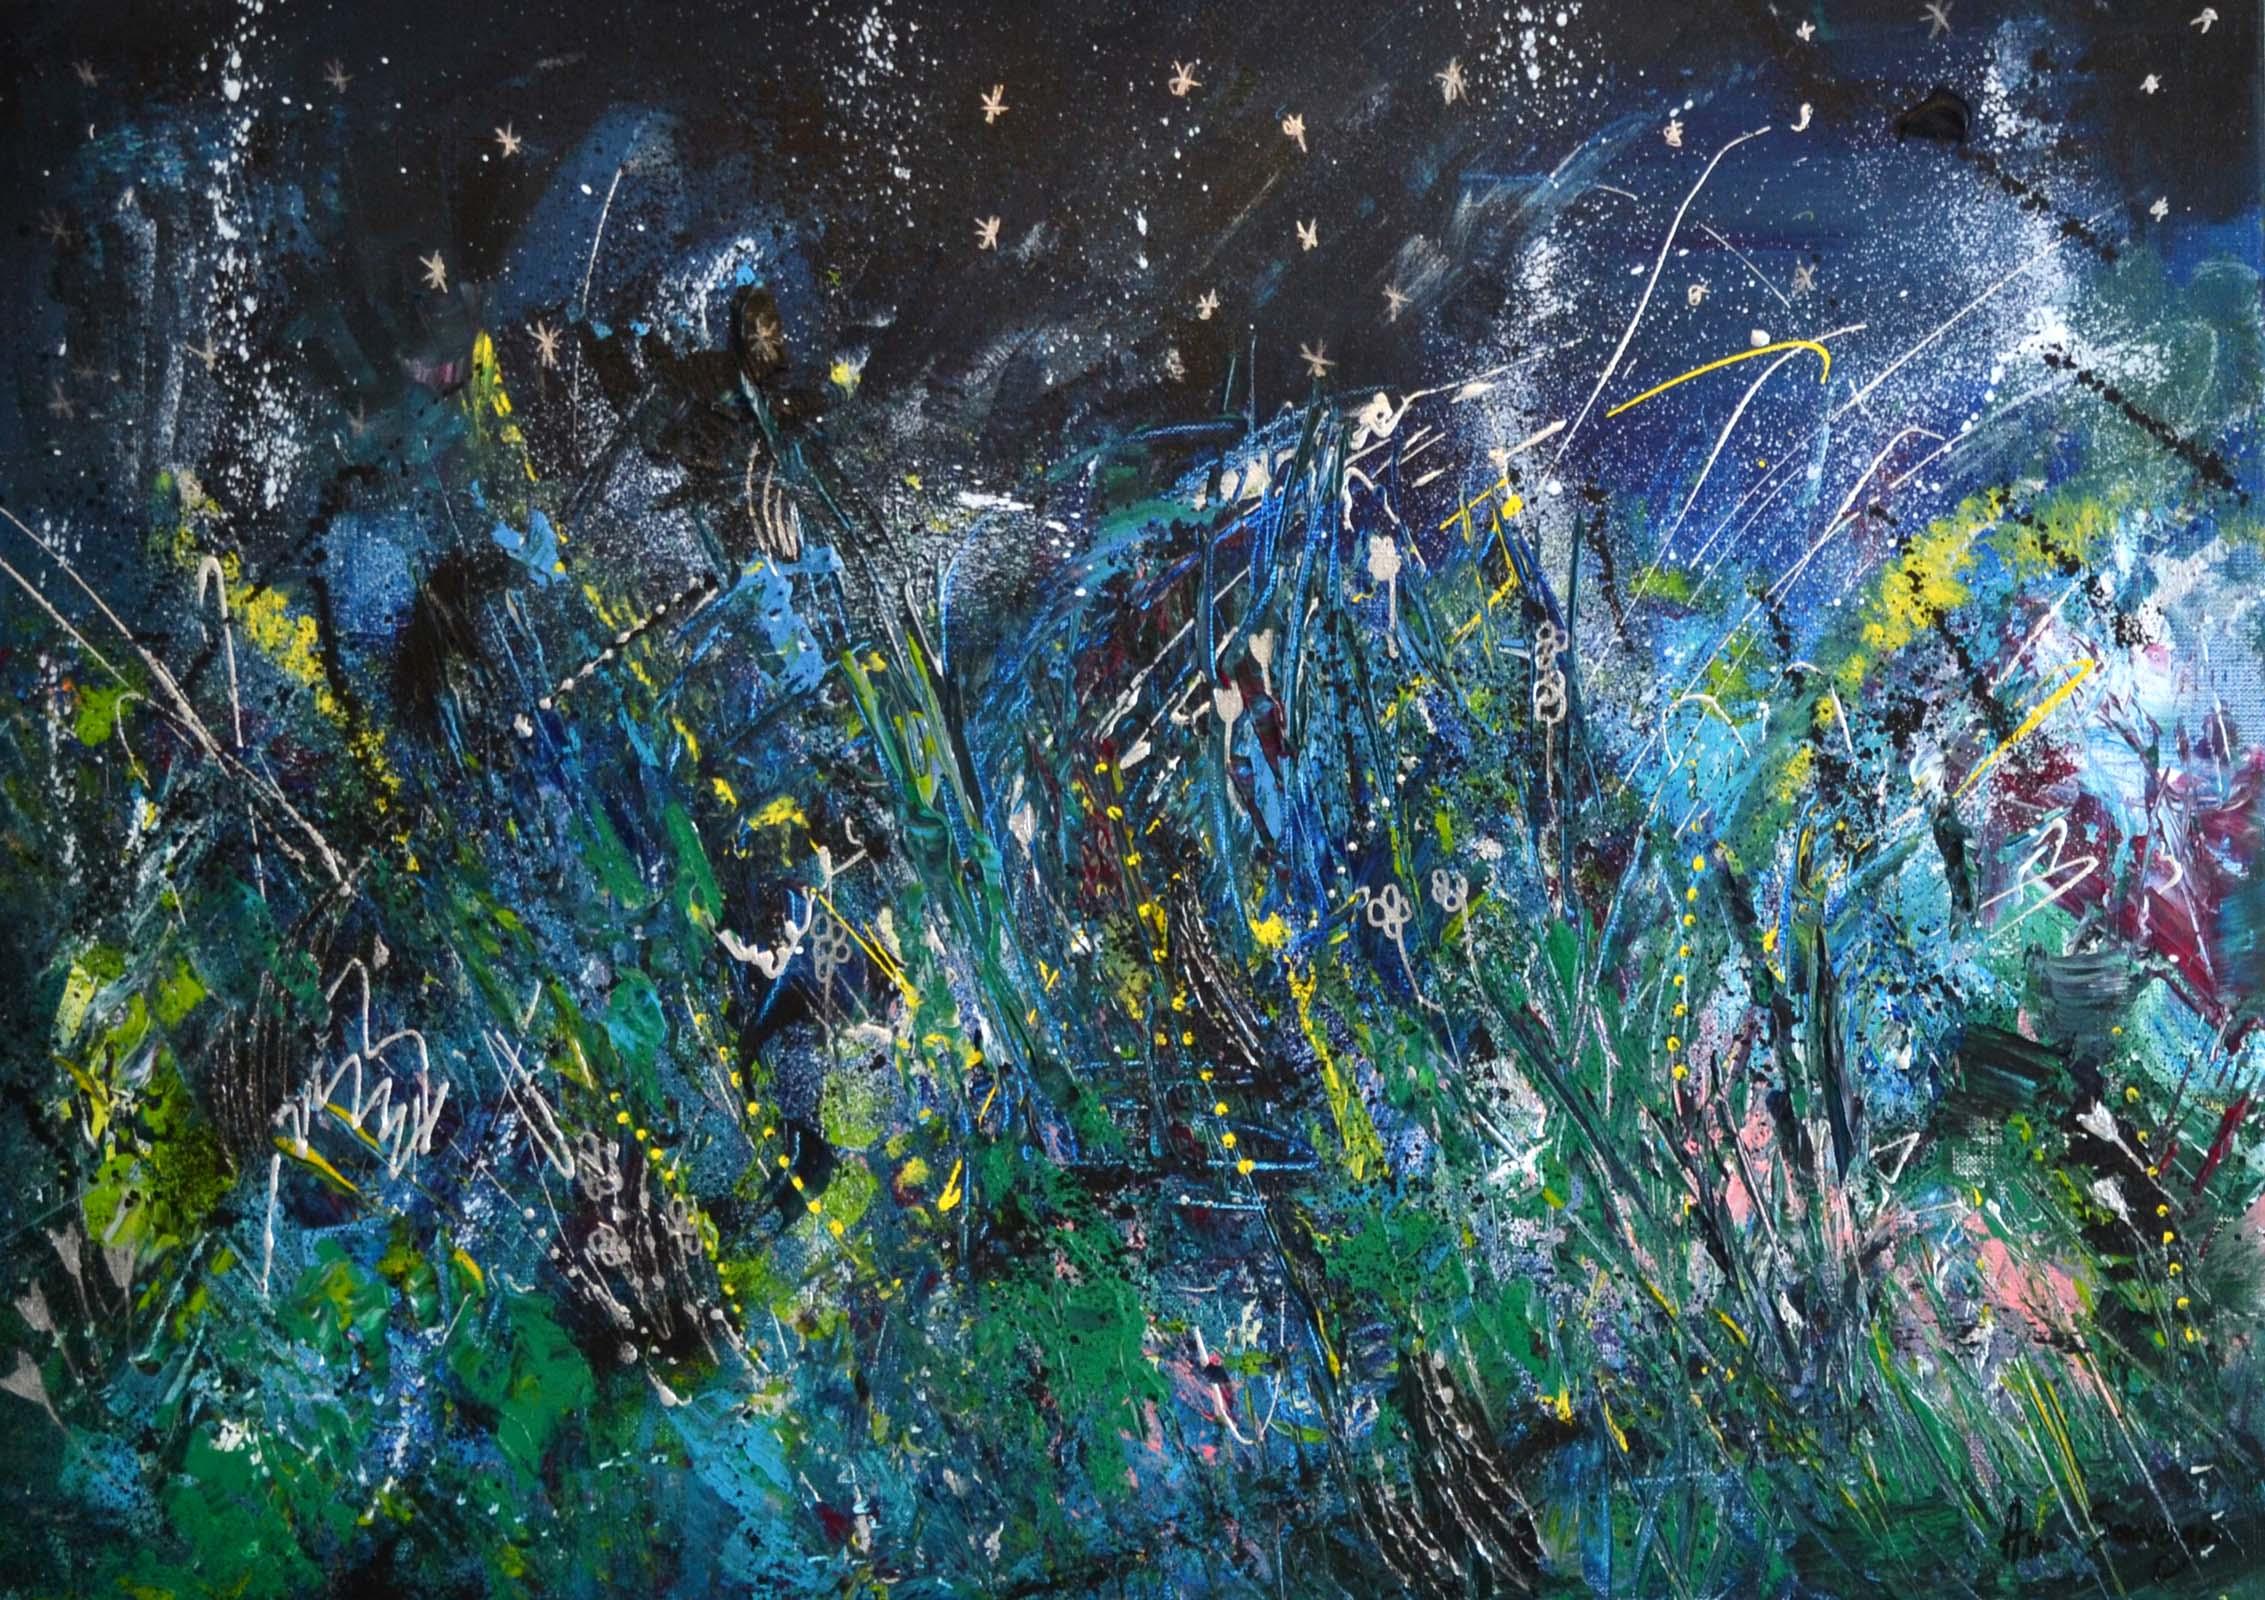 Peintre Contemporain Célèbre Vivant la nuit étoilée de van gogh : analyse de cette peinture célèbre